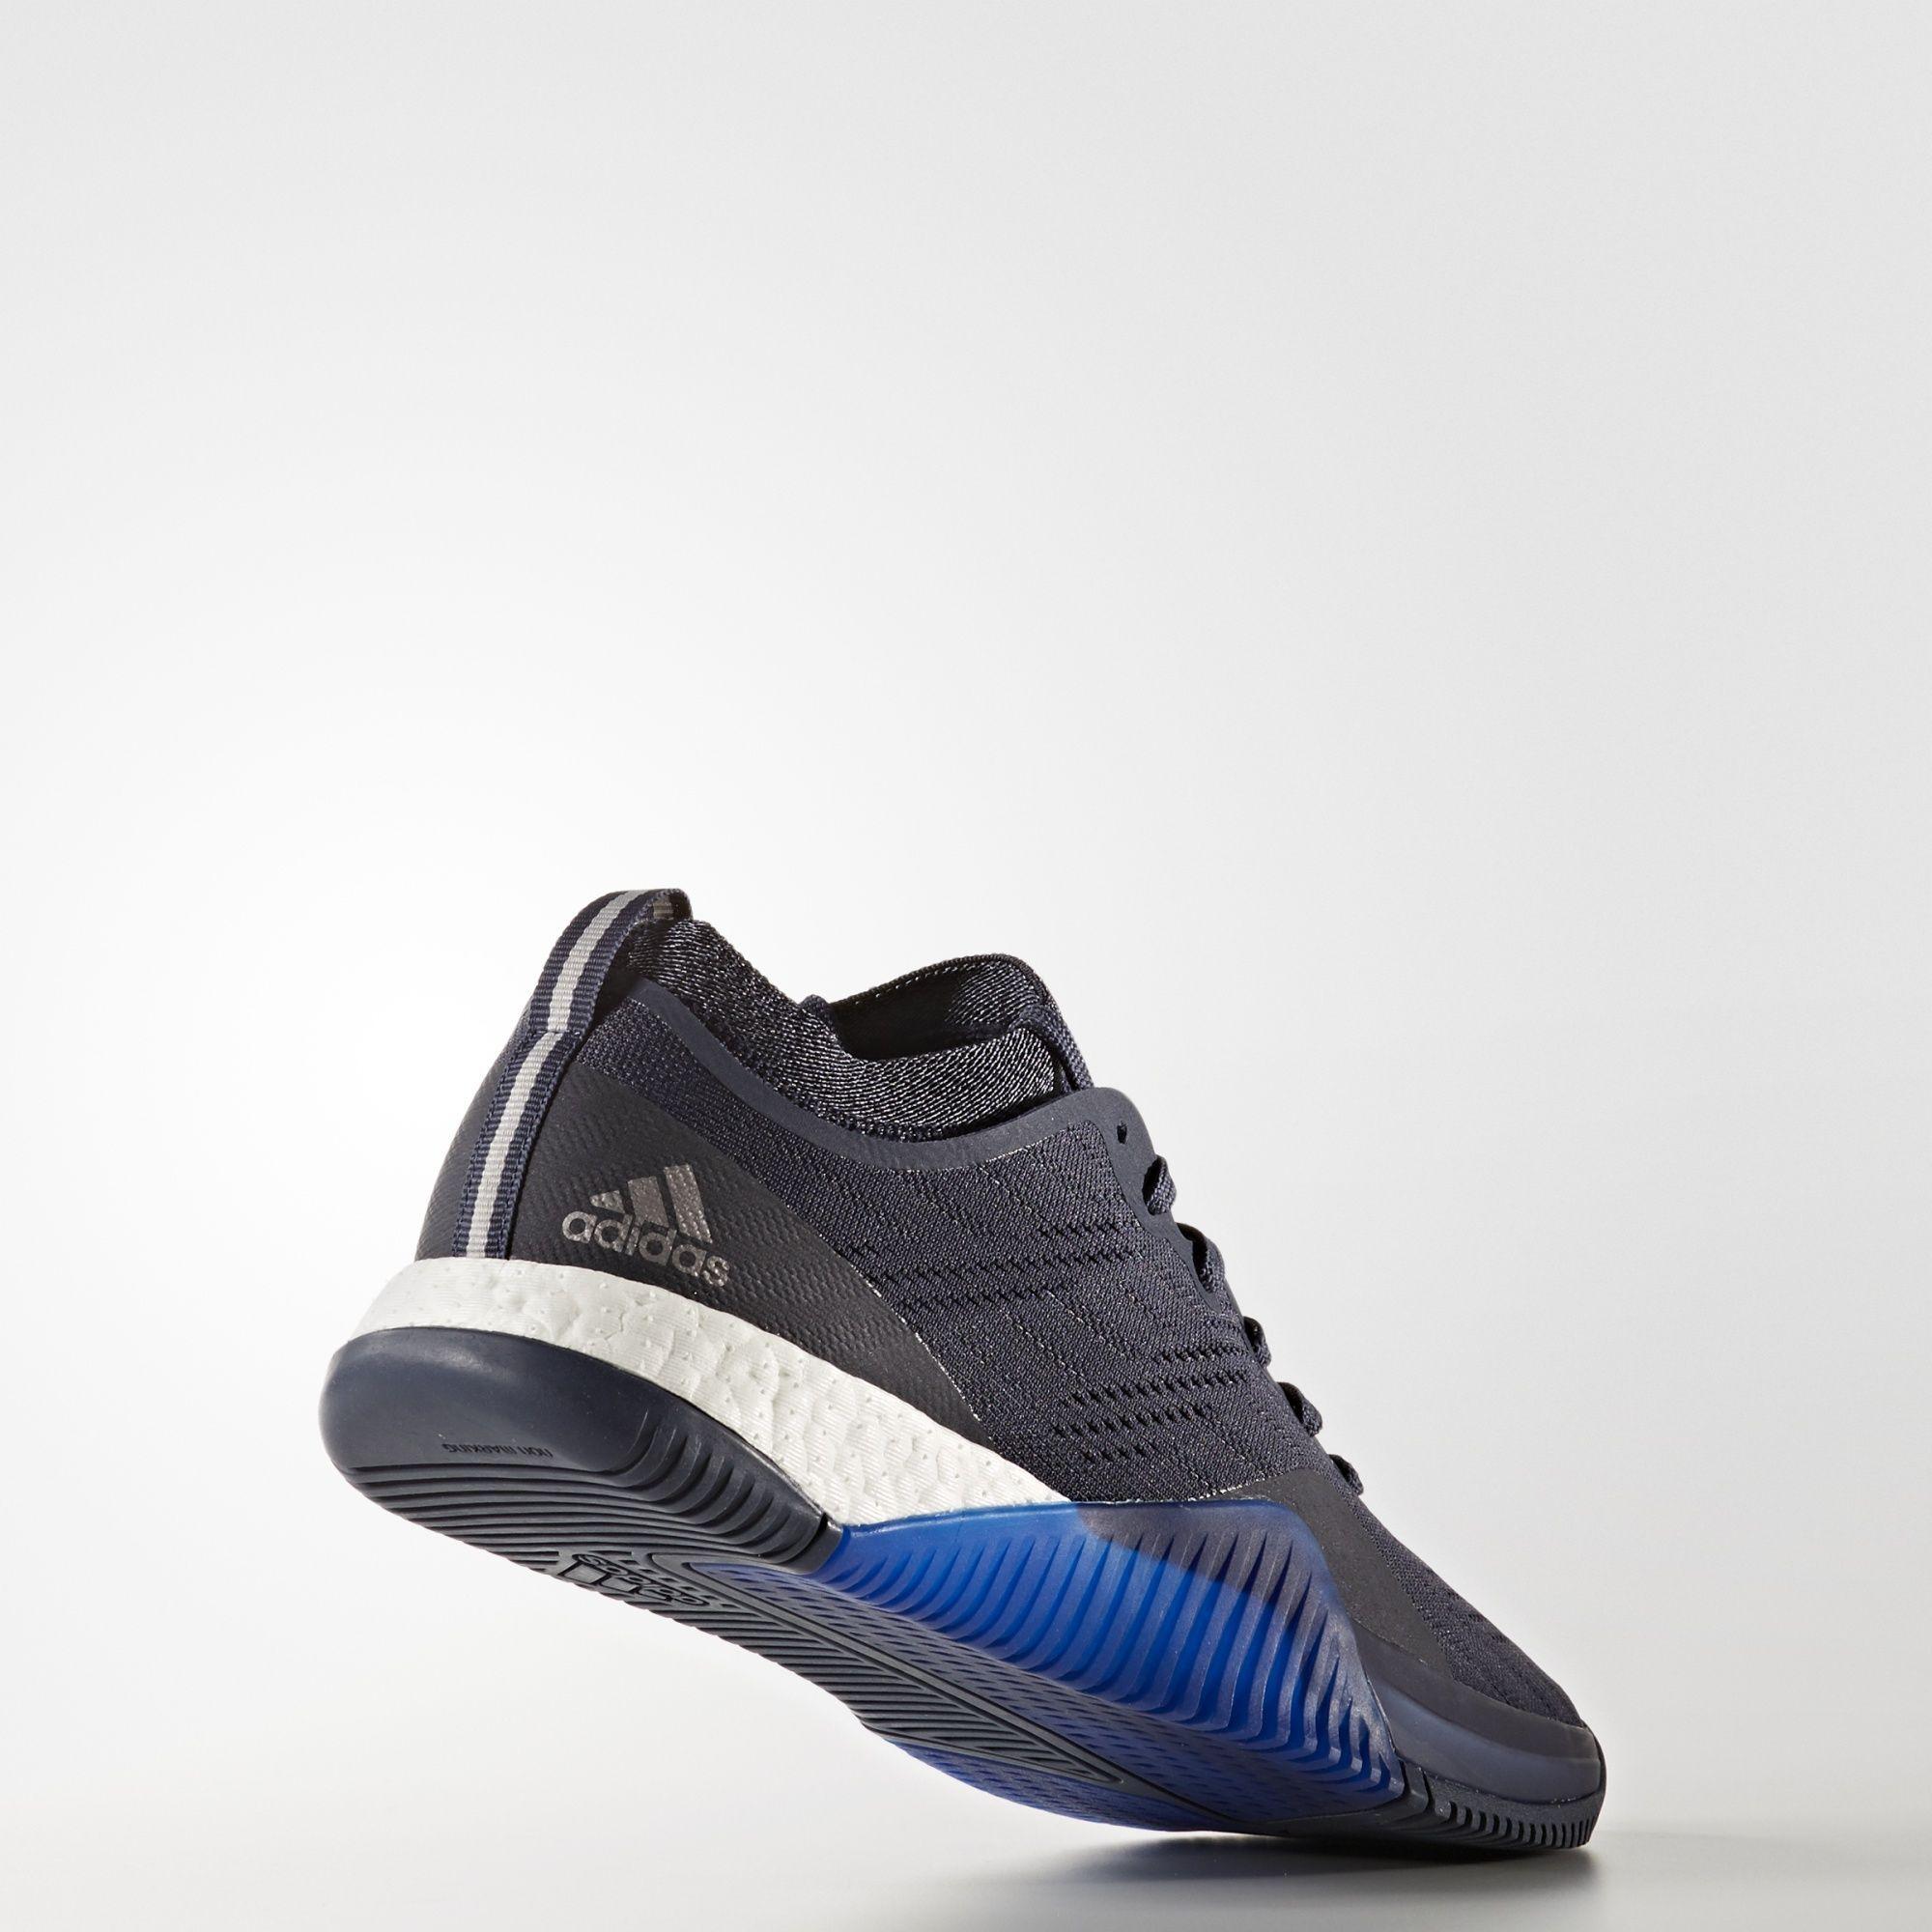 crazytrain elite scarpe adidas, fitness e regno unito di moda online